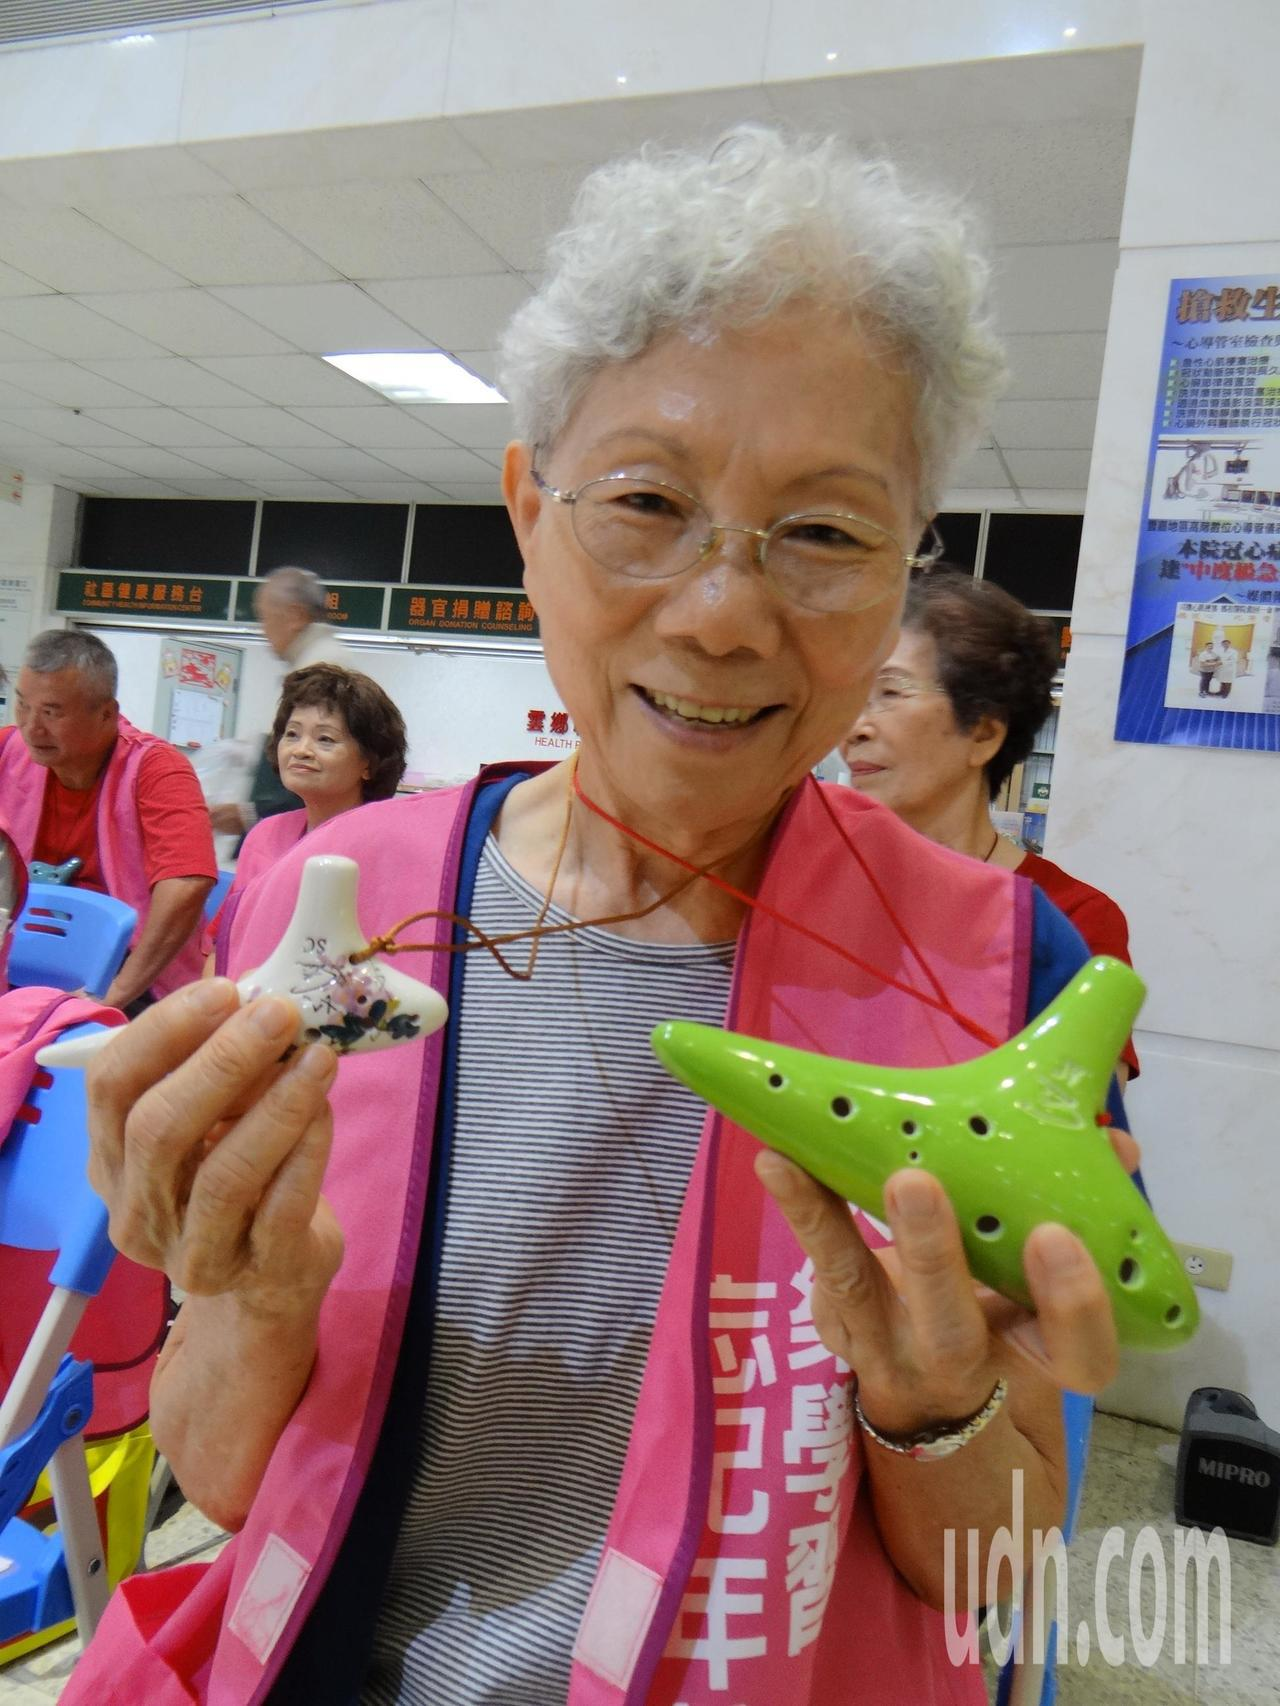 77歲的李金釵年老來參加樂齡音樂班,投入音樂世界,發現陶笛是老人最好的生活伙伴。...